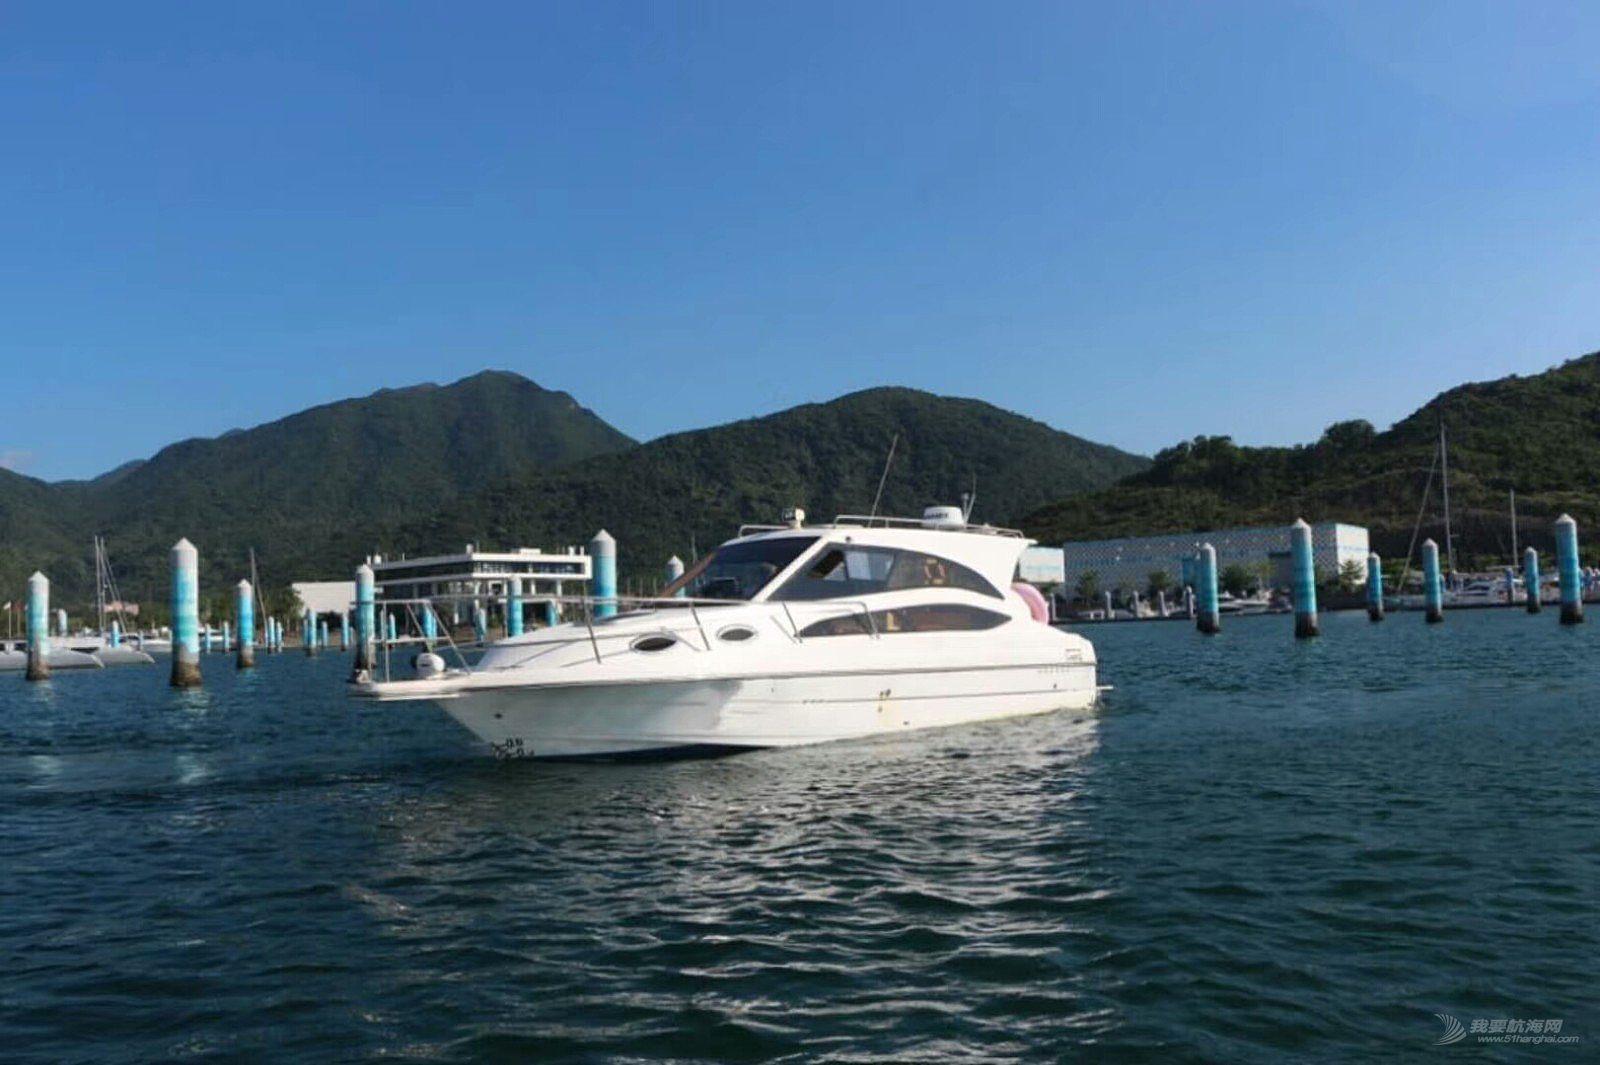 31尺豪华小游艇(钓鱼艇)转让,船况好,目前船在深圳